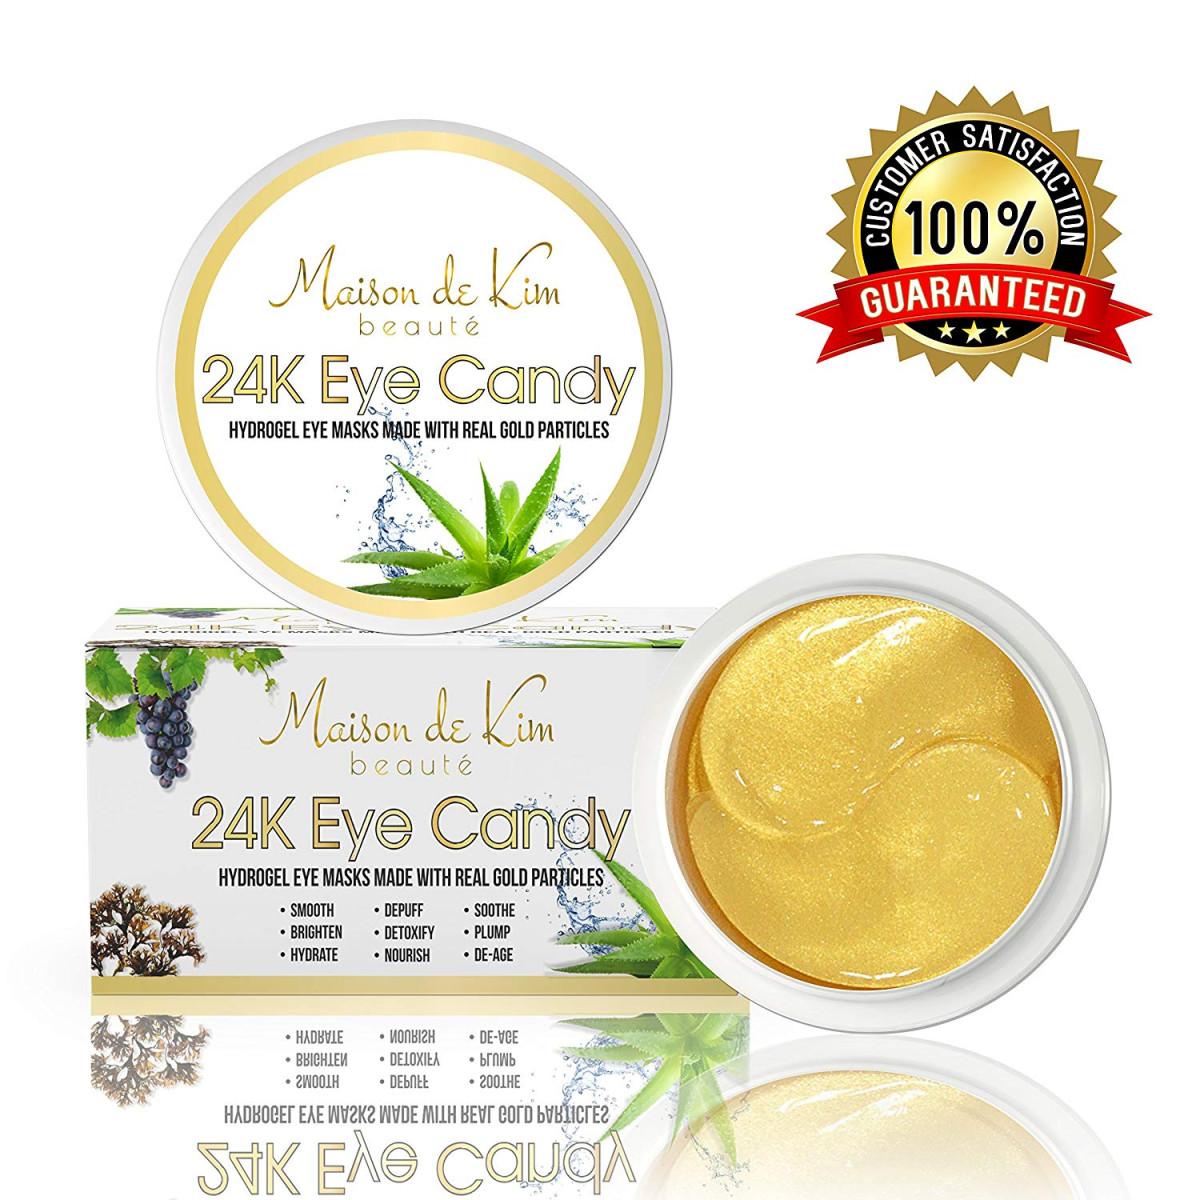 30 Pairs) 24K Gold Eye Masks   Seaweed, Real Gold Particles